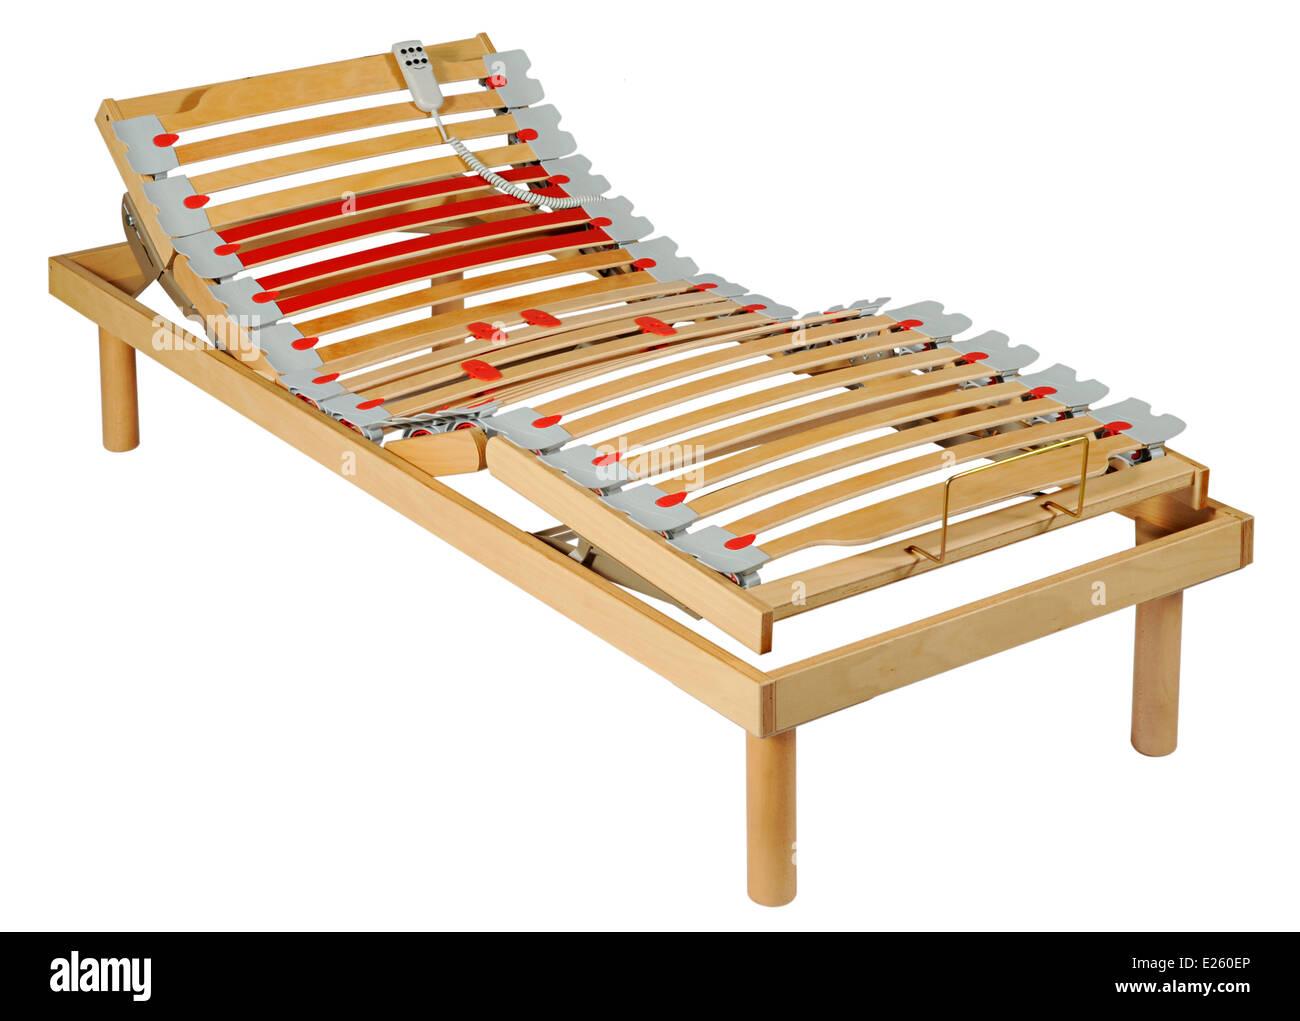 Adjustable Bed Imágenes De Stock & Adjustable Bed Fotos De Stock - Alamy